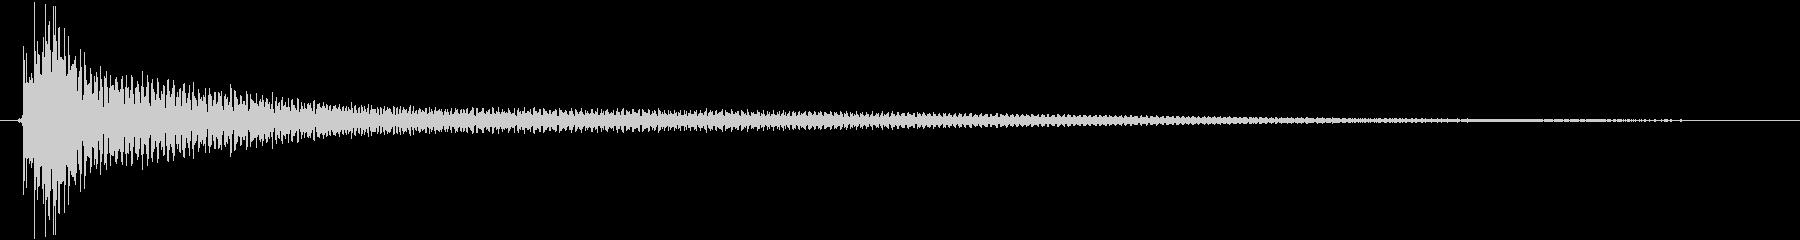 ピローン(残響有)の未再生の波形